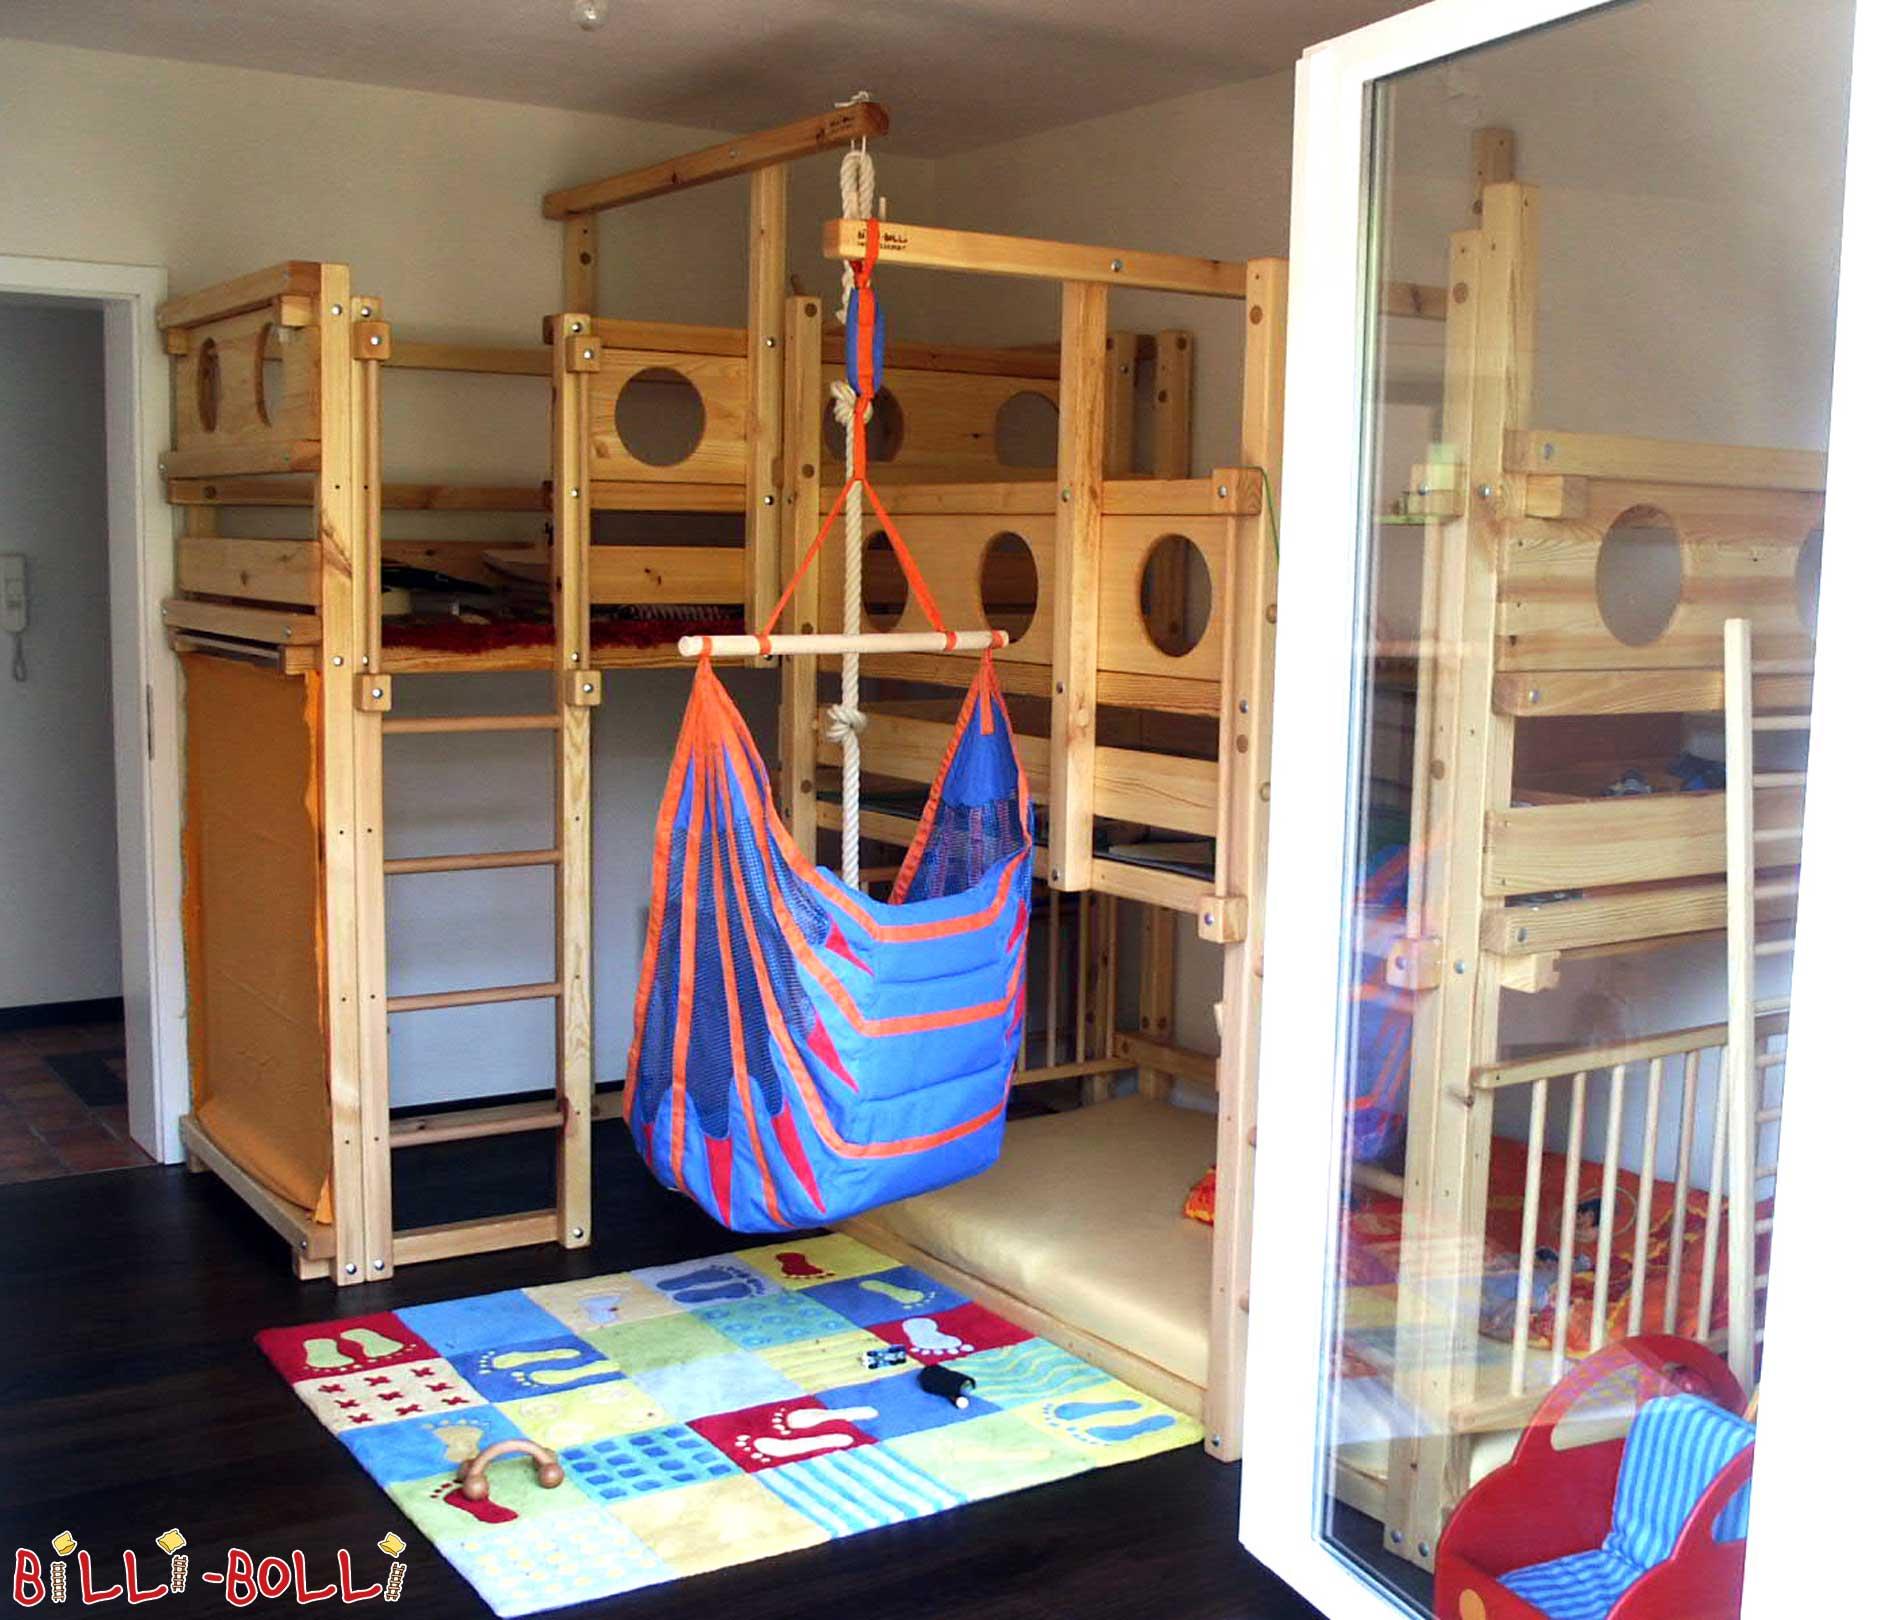 Letto a castello compra online mobili per bambini da billi bolli - Letto a castello a tre ...